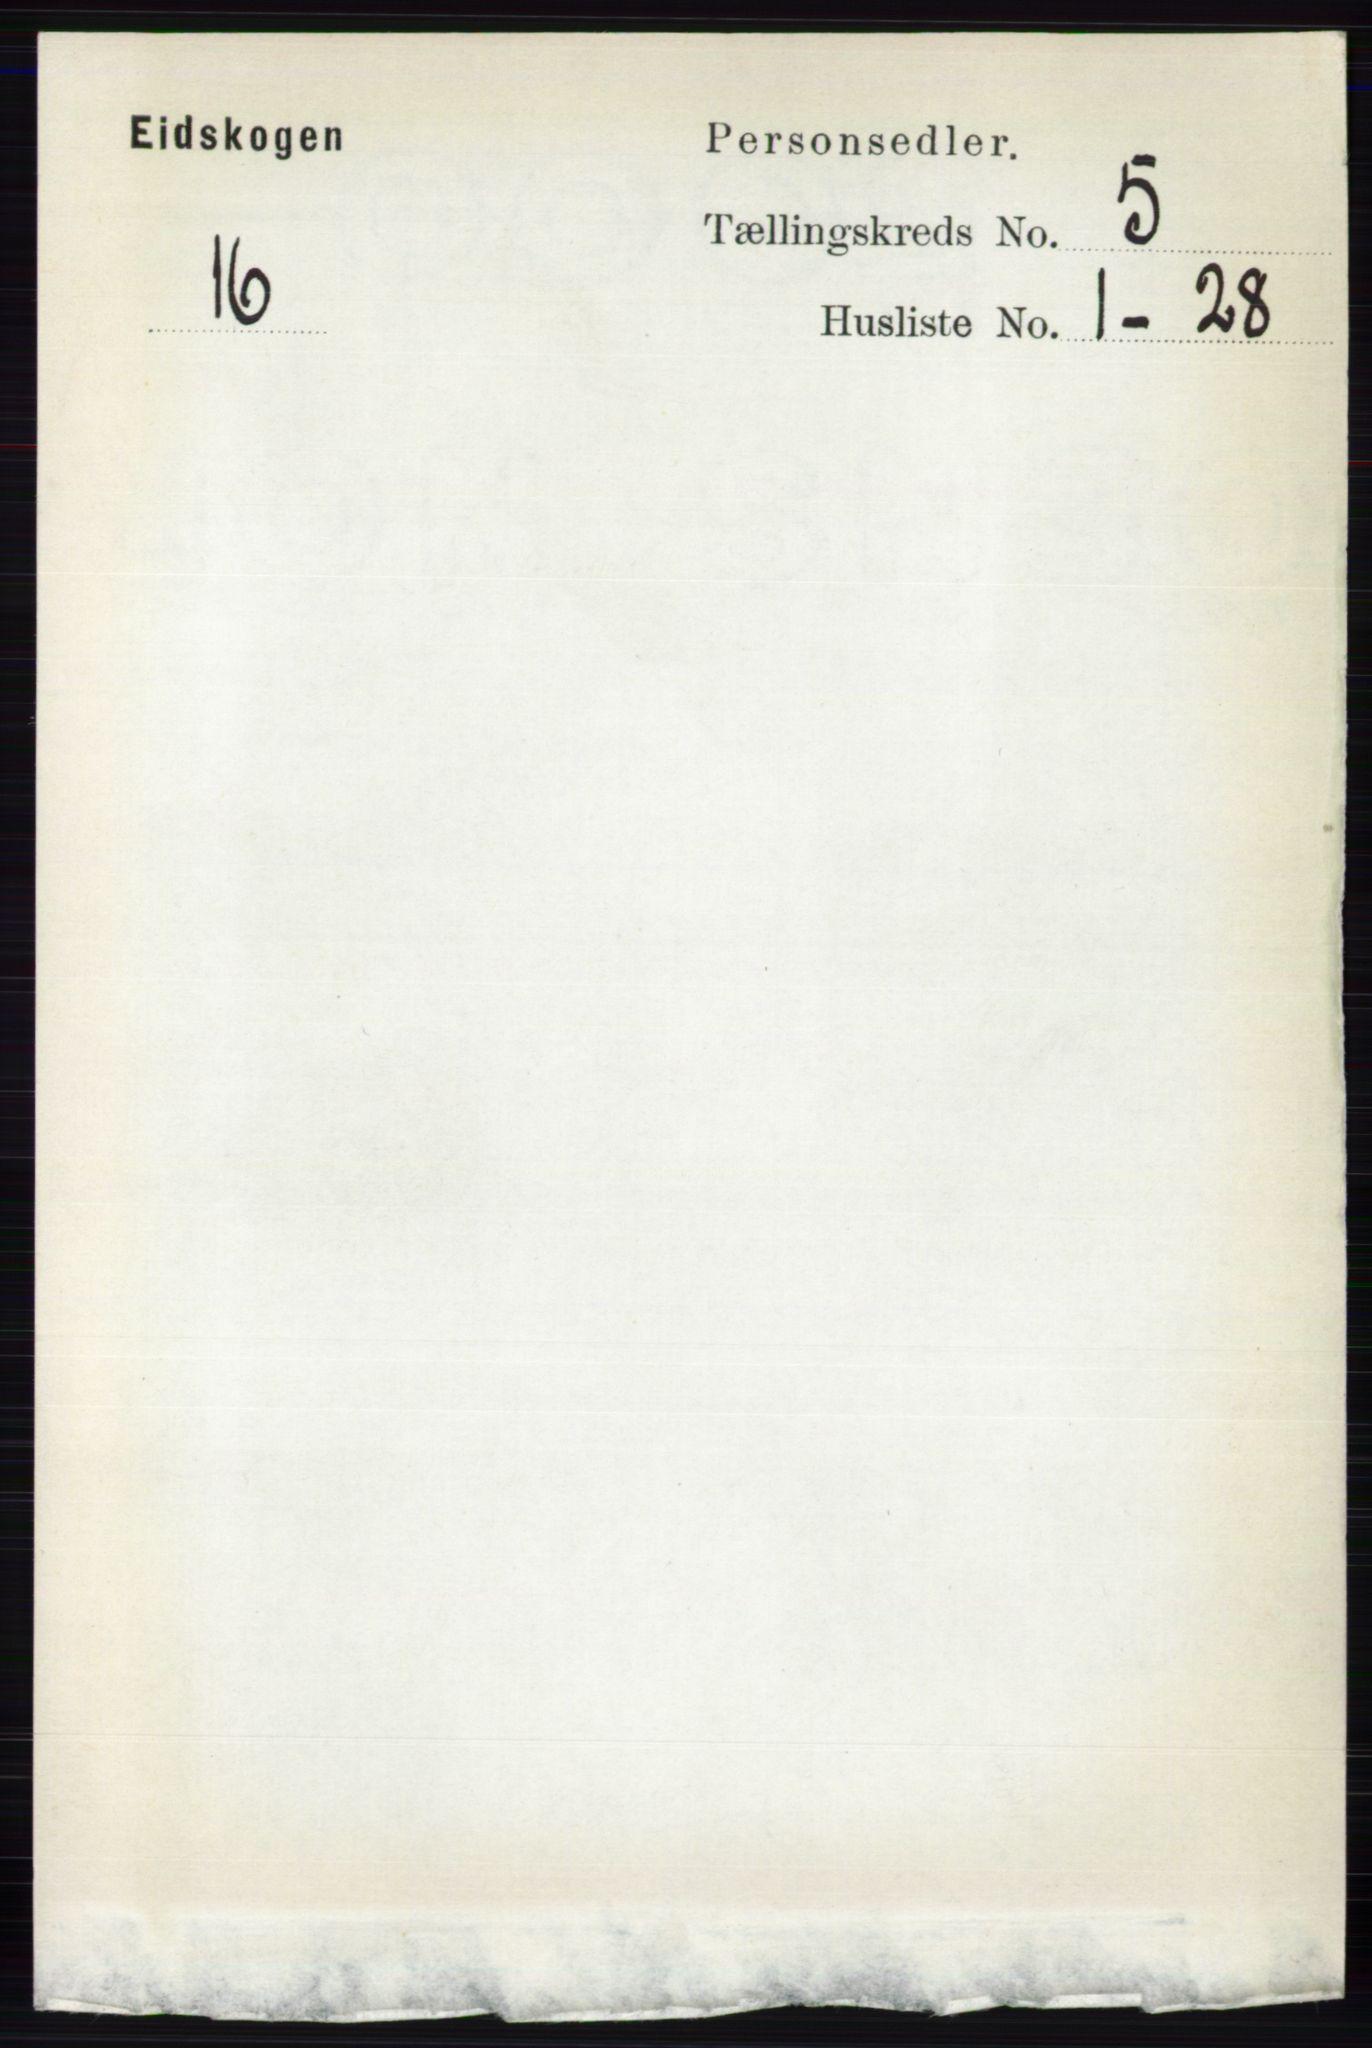 RA, Folketelling 1891 for 0420 Eidskog herred, 1891, s. 2062